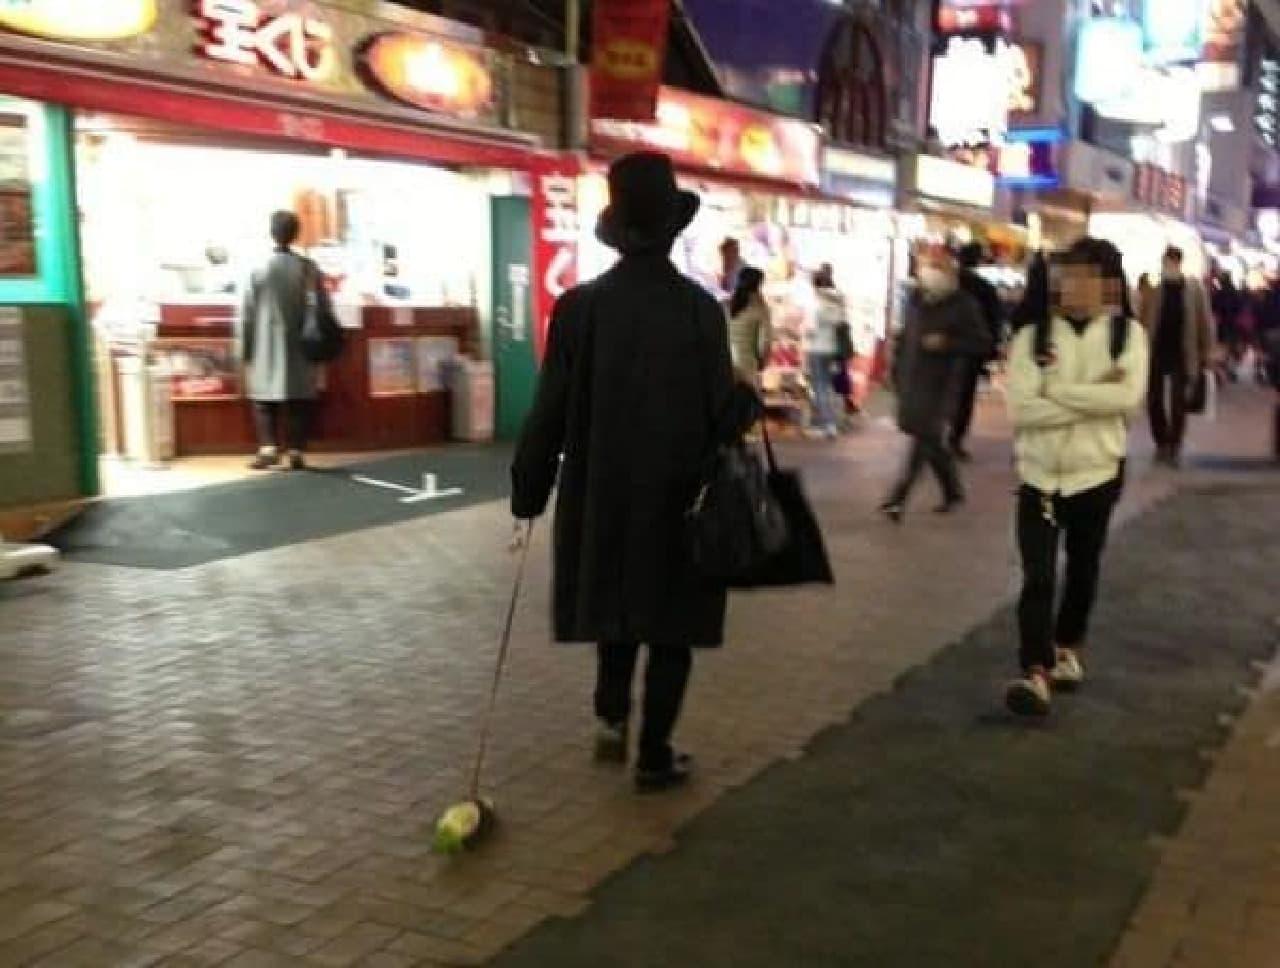 大根を散歩させる黒ずくめの男   [写真提供:@WwwwwPiyo さん]